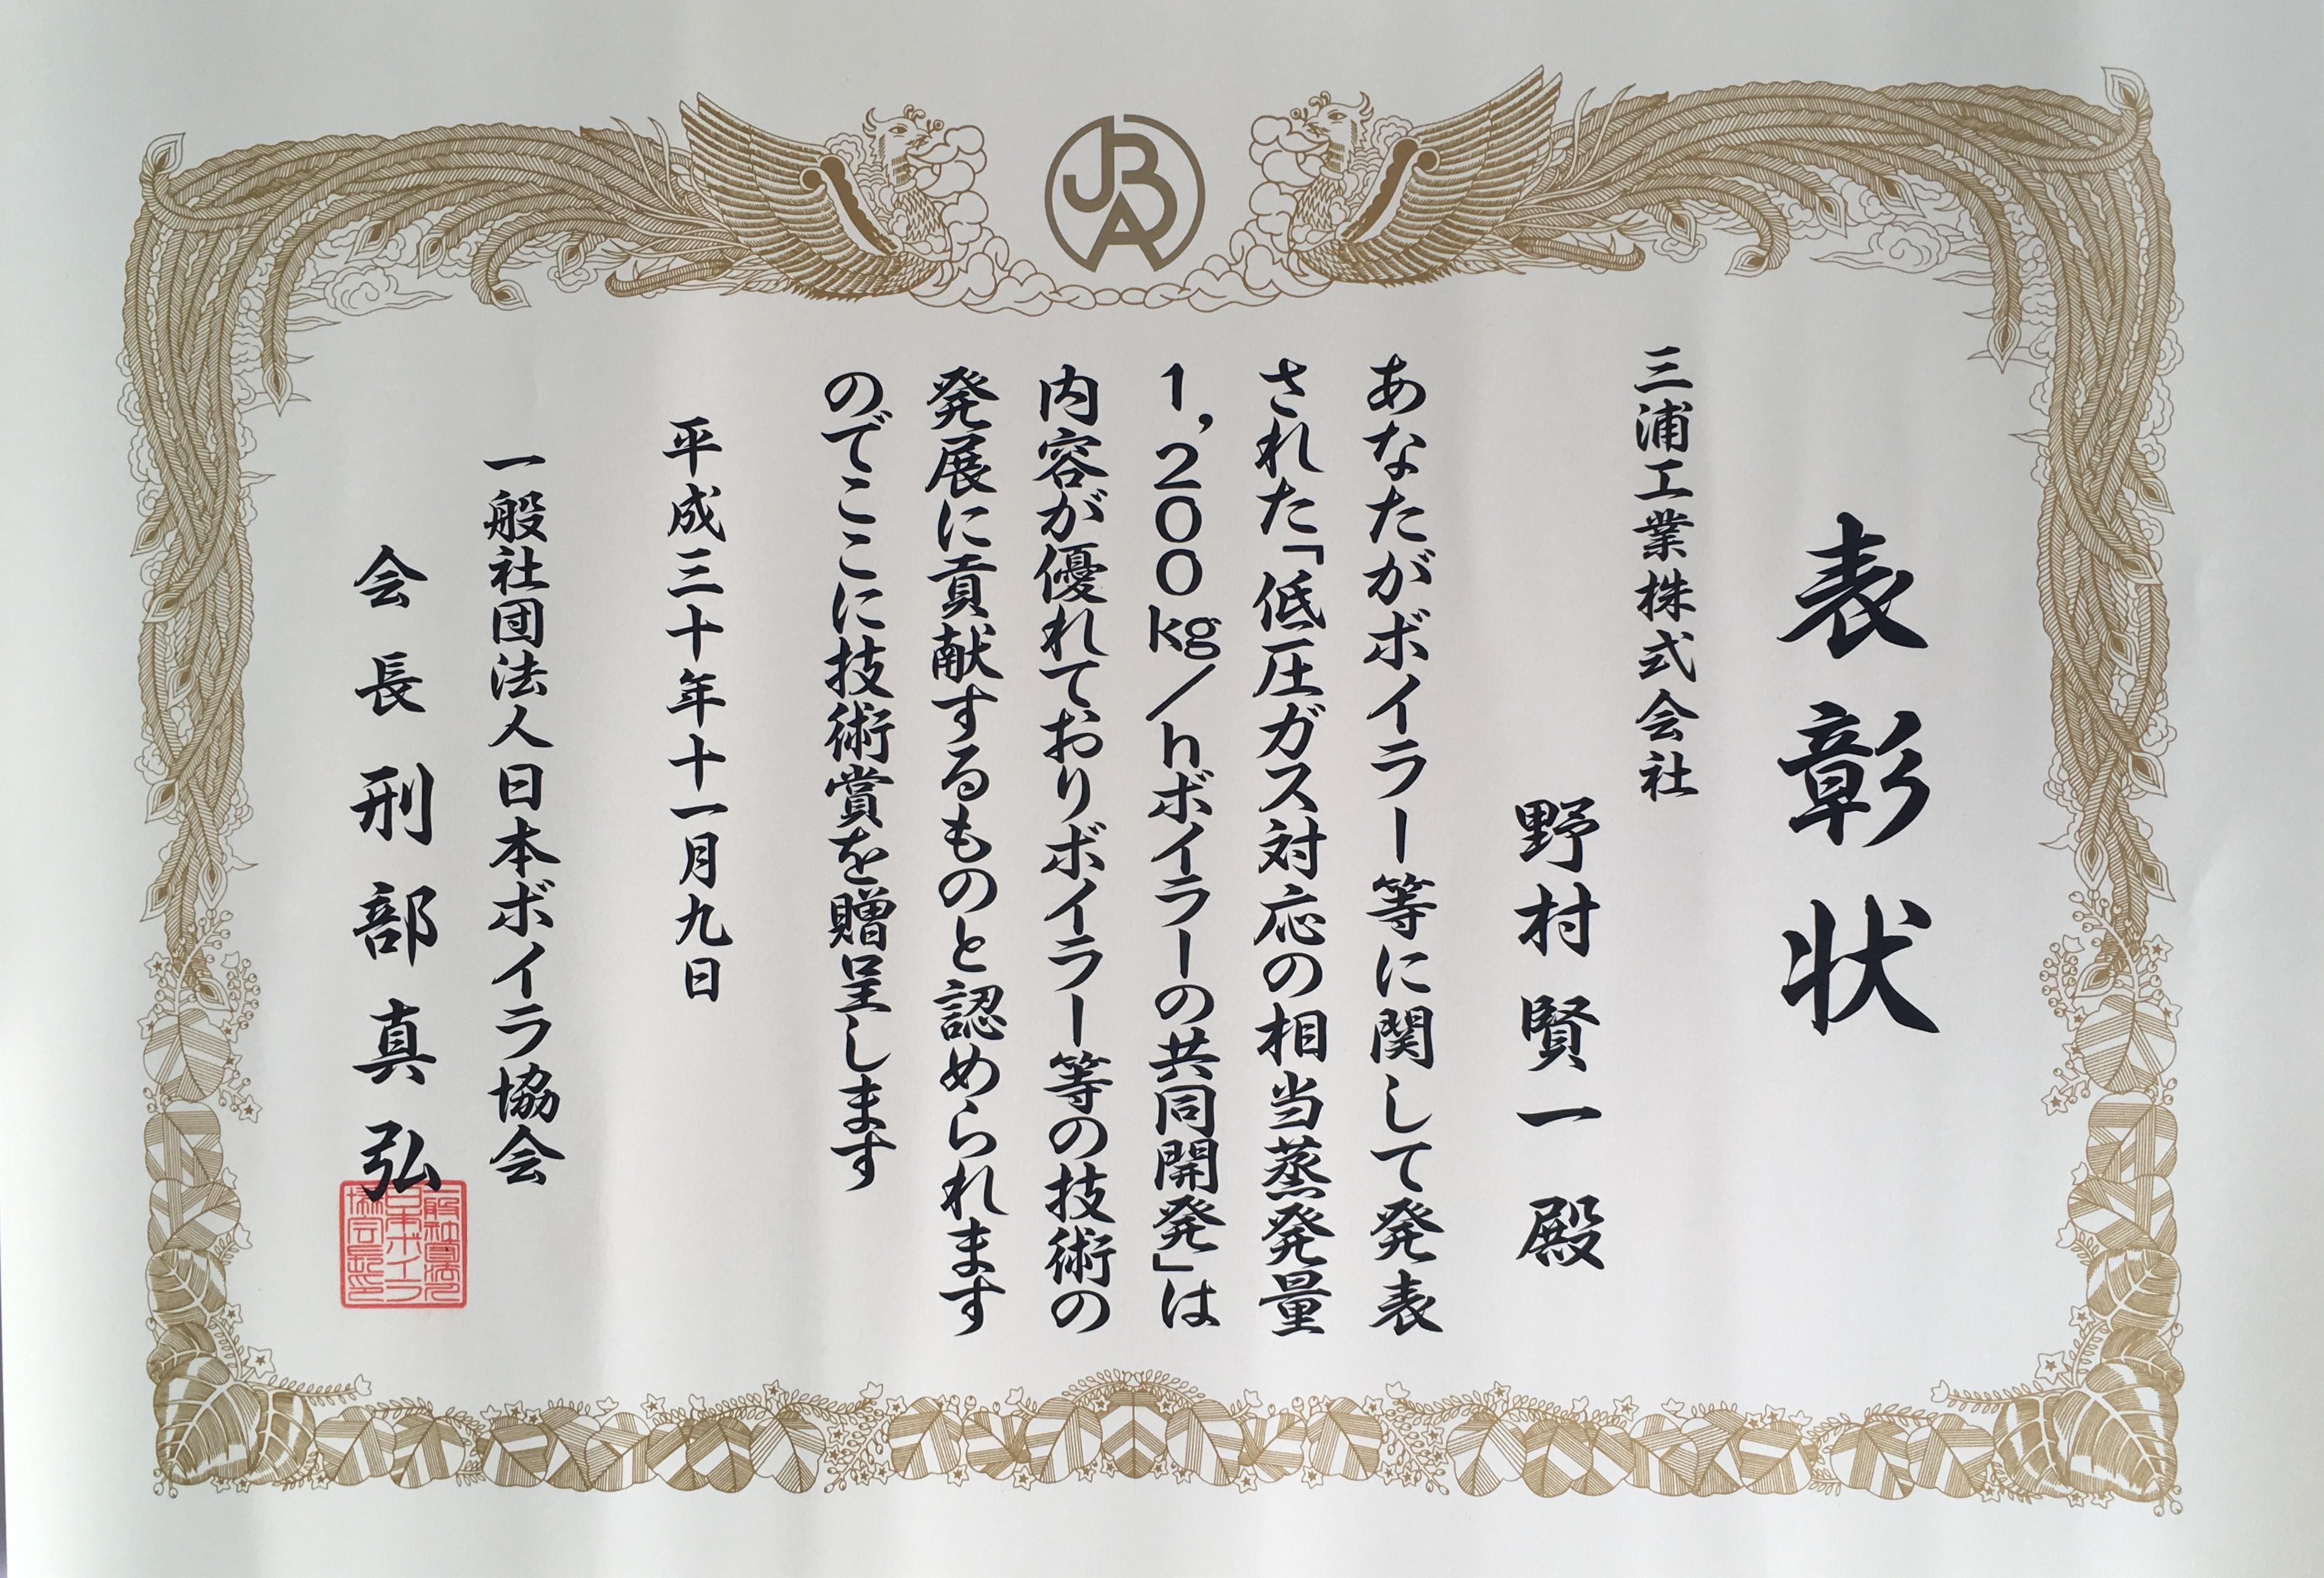 http://www.miuraz.co.jp/info/information/5eedf743f2eddab96aa64092af9a3724bbdef856.jpg